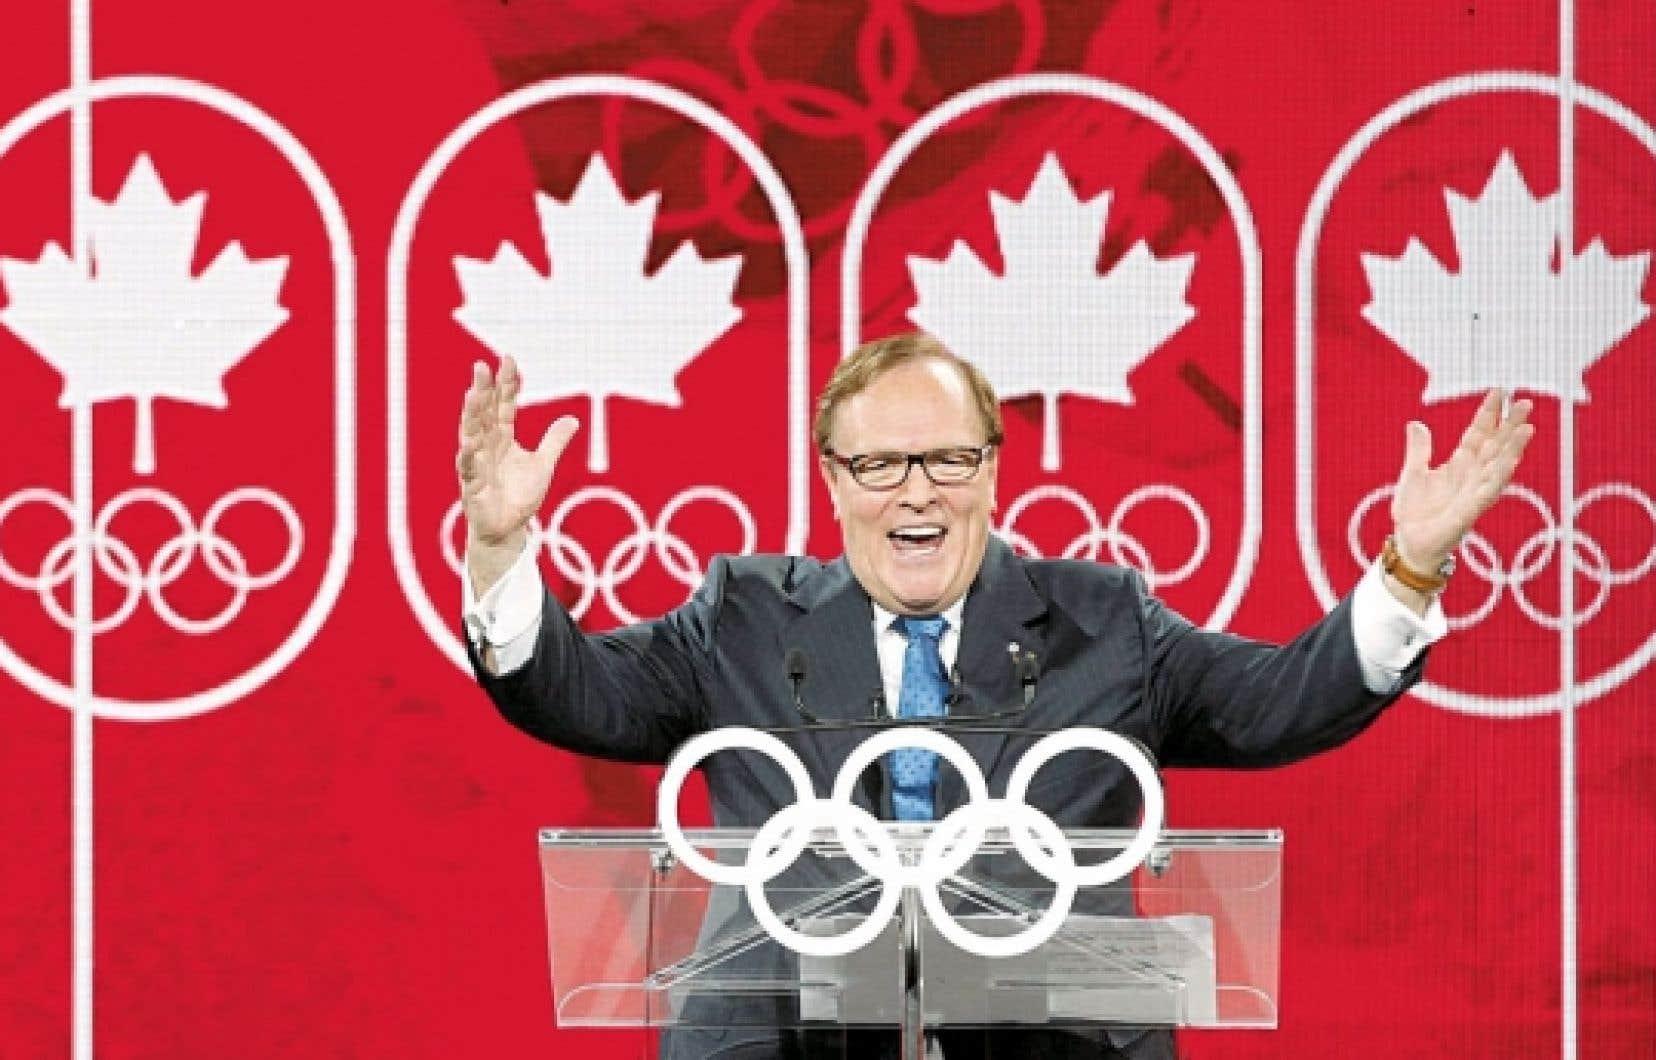 <div> Marcel Aubut a reconnu hier qu'il n'avait pas encore décidé s'il va d'abord miser sur des Jeux d'été à Toronto ou des Jeux d'hiver à Québec.</div>